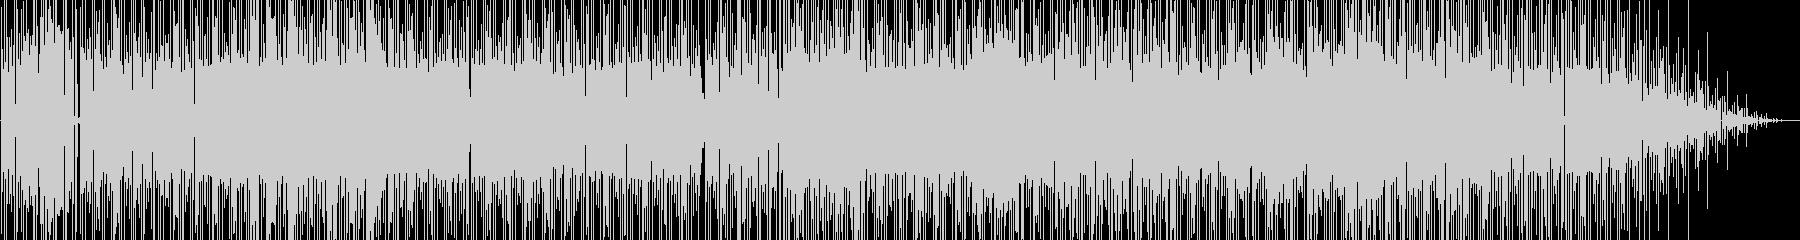 スネアとクラビネット。トリップホッ...の未再生の波形